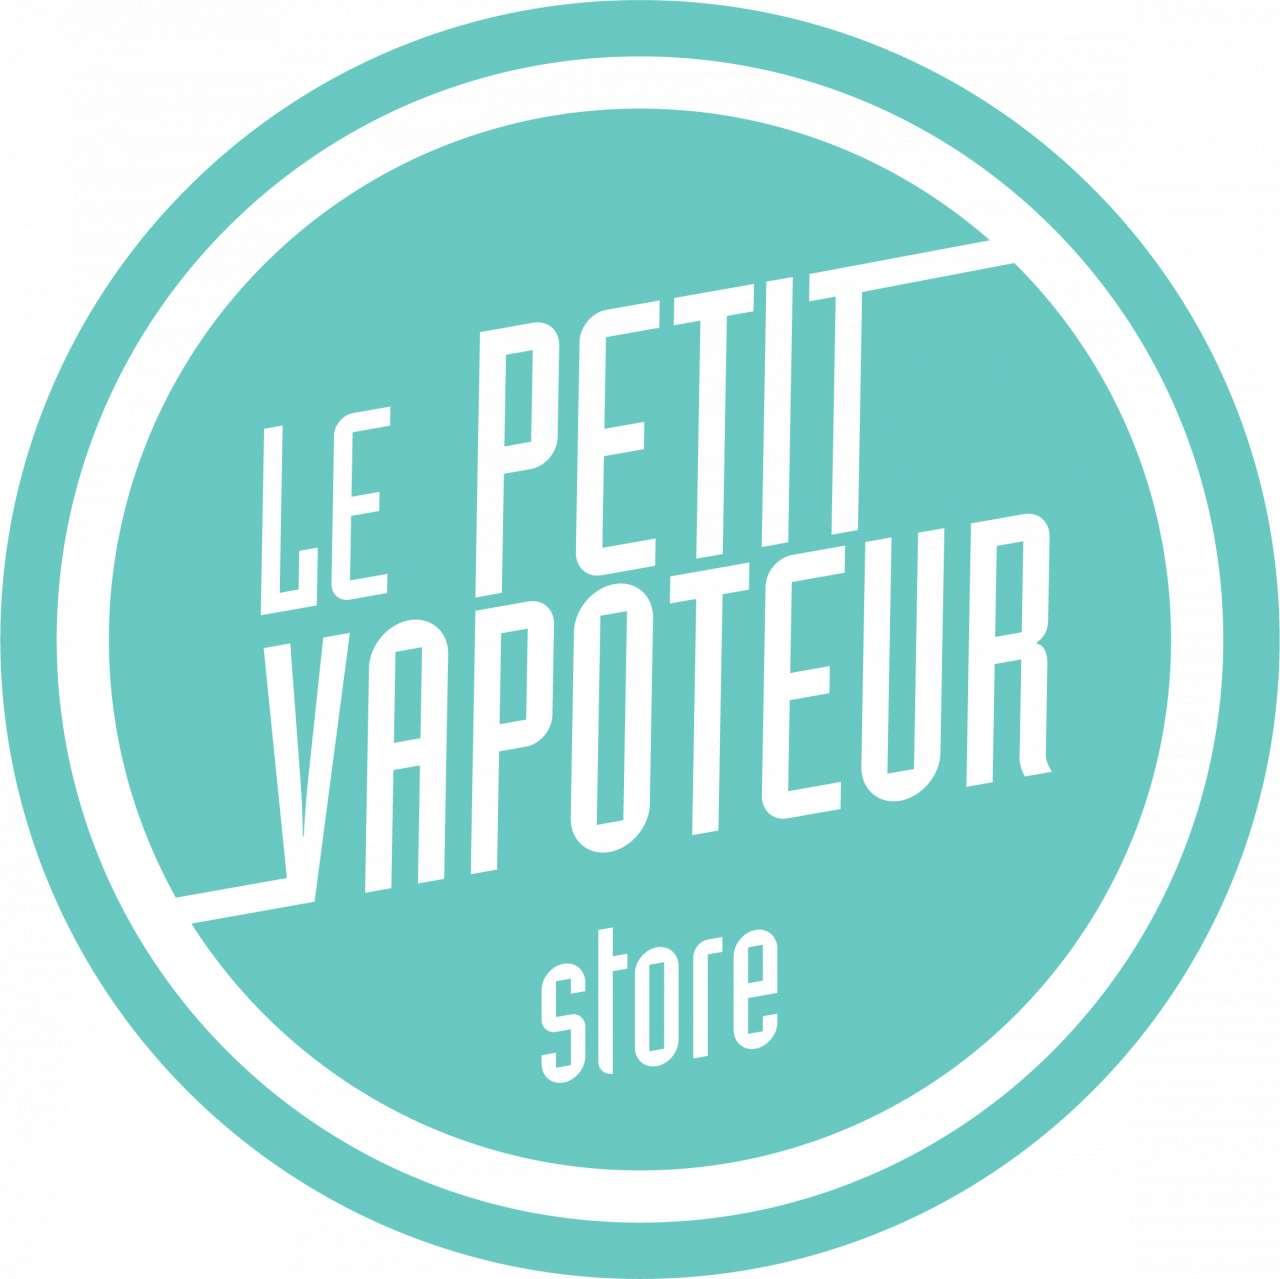 Boutique de vape spécialisée LE PETIT VAPOTEUR STORE située à LORIENT